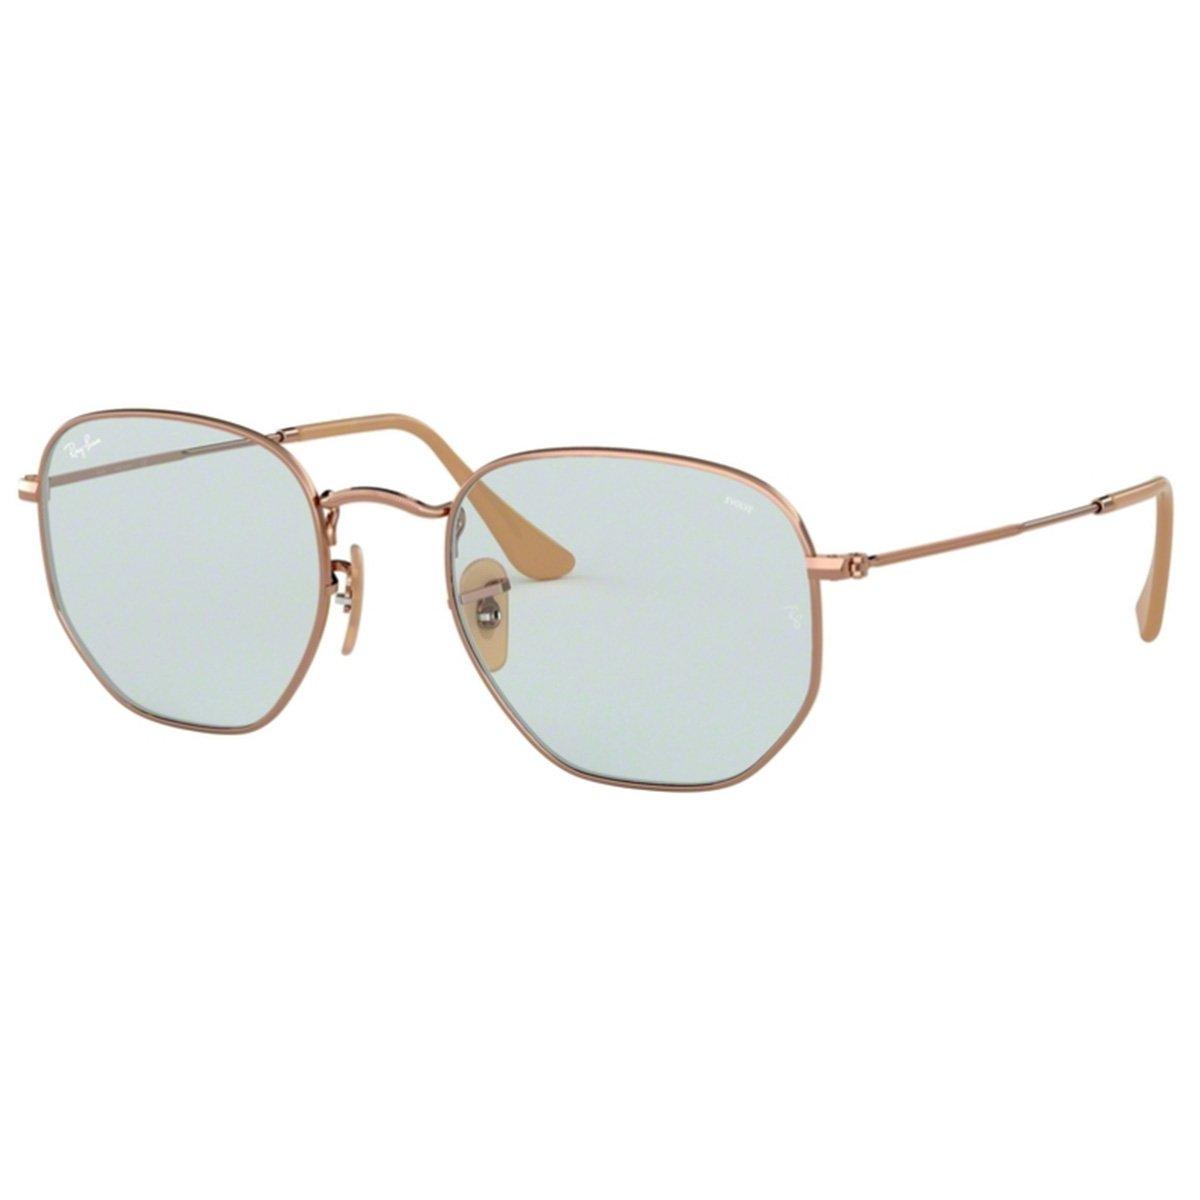 cfc07e0ae6 Compre Óculos de Sol Ray Ban Hexagonal OverSized em 10X | Tri-Jóia Shop